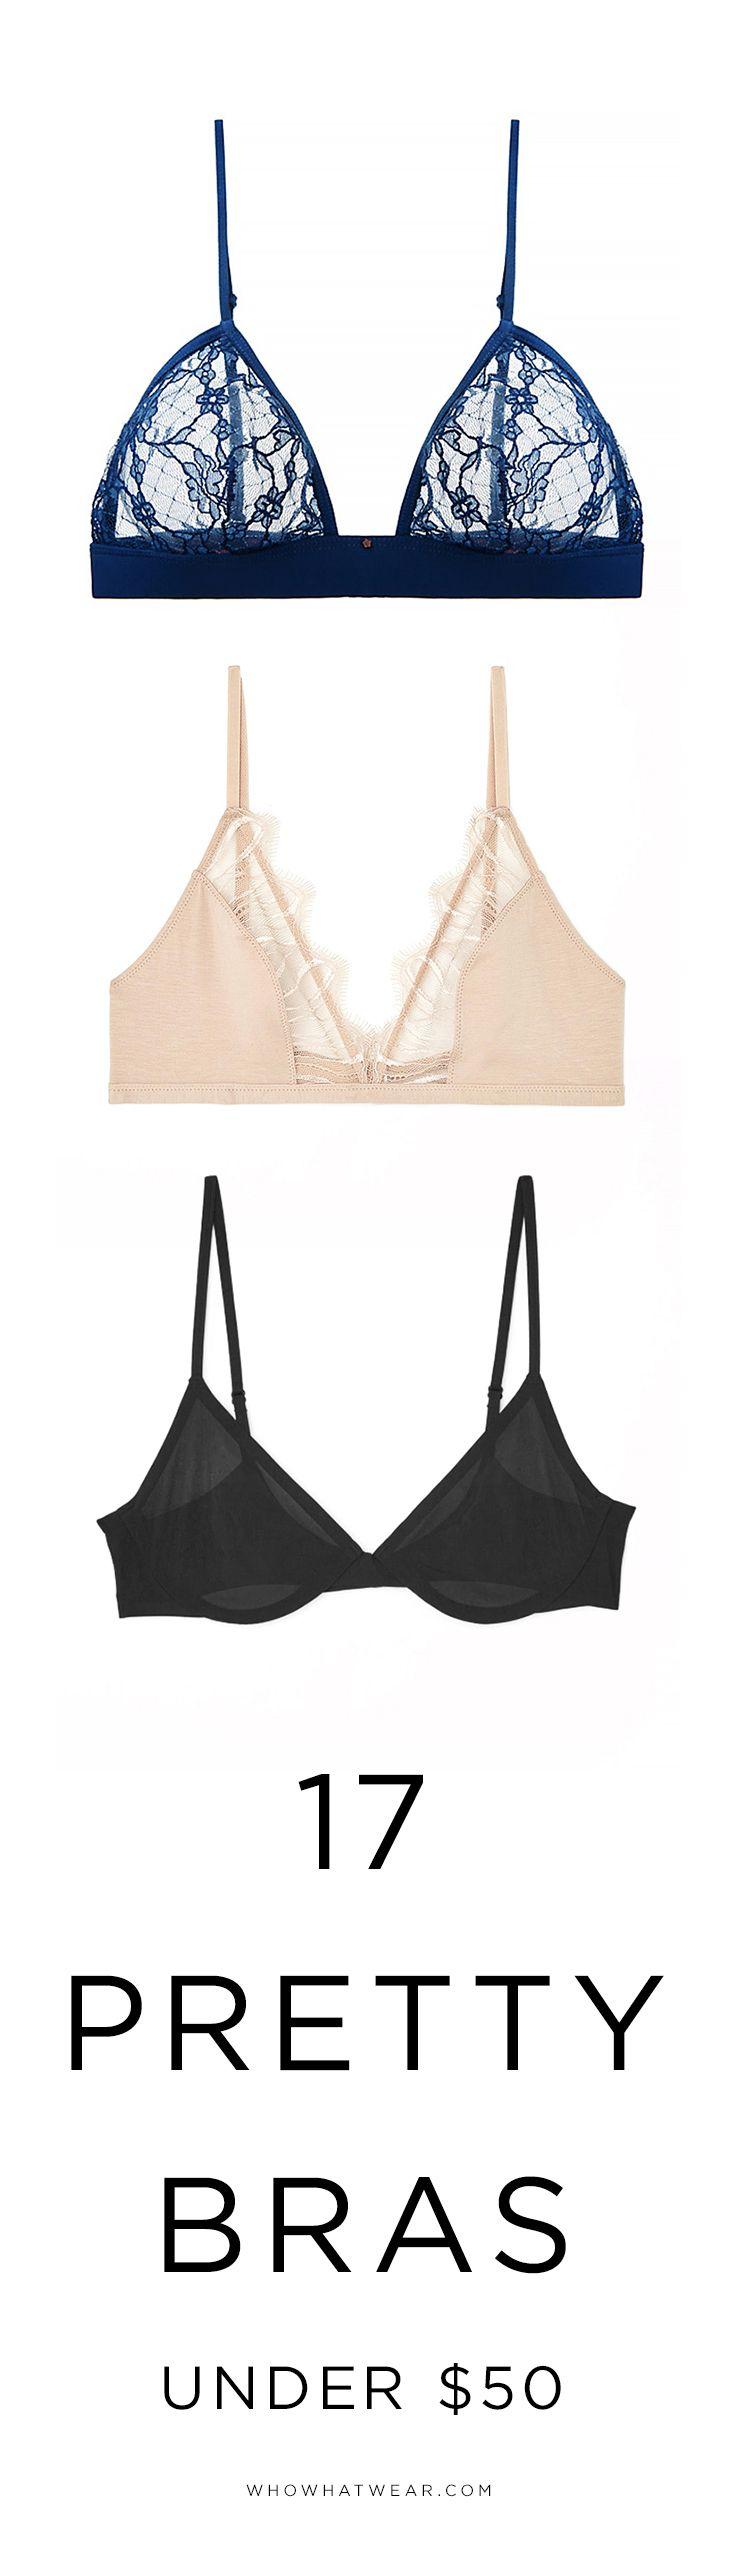 Pretty bras under $50